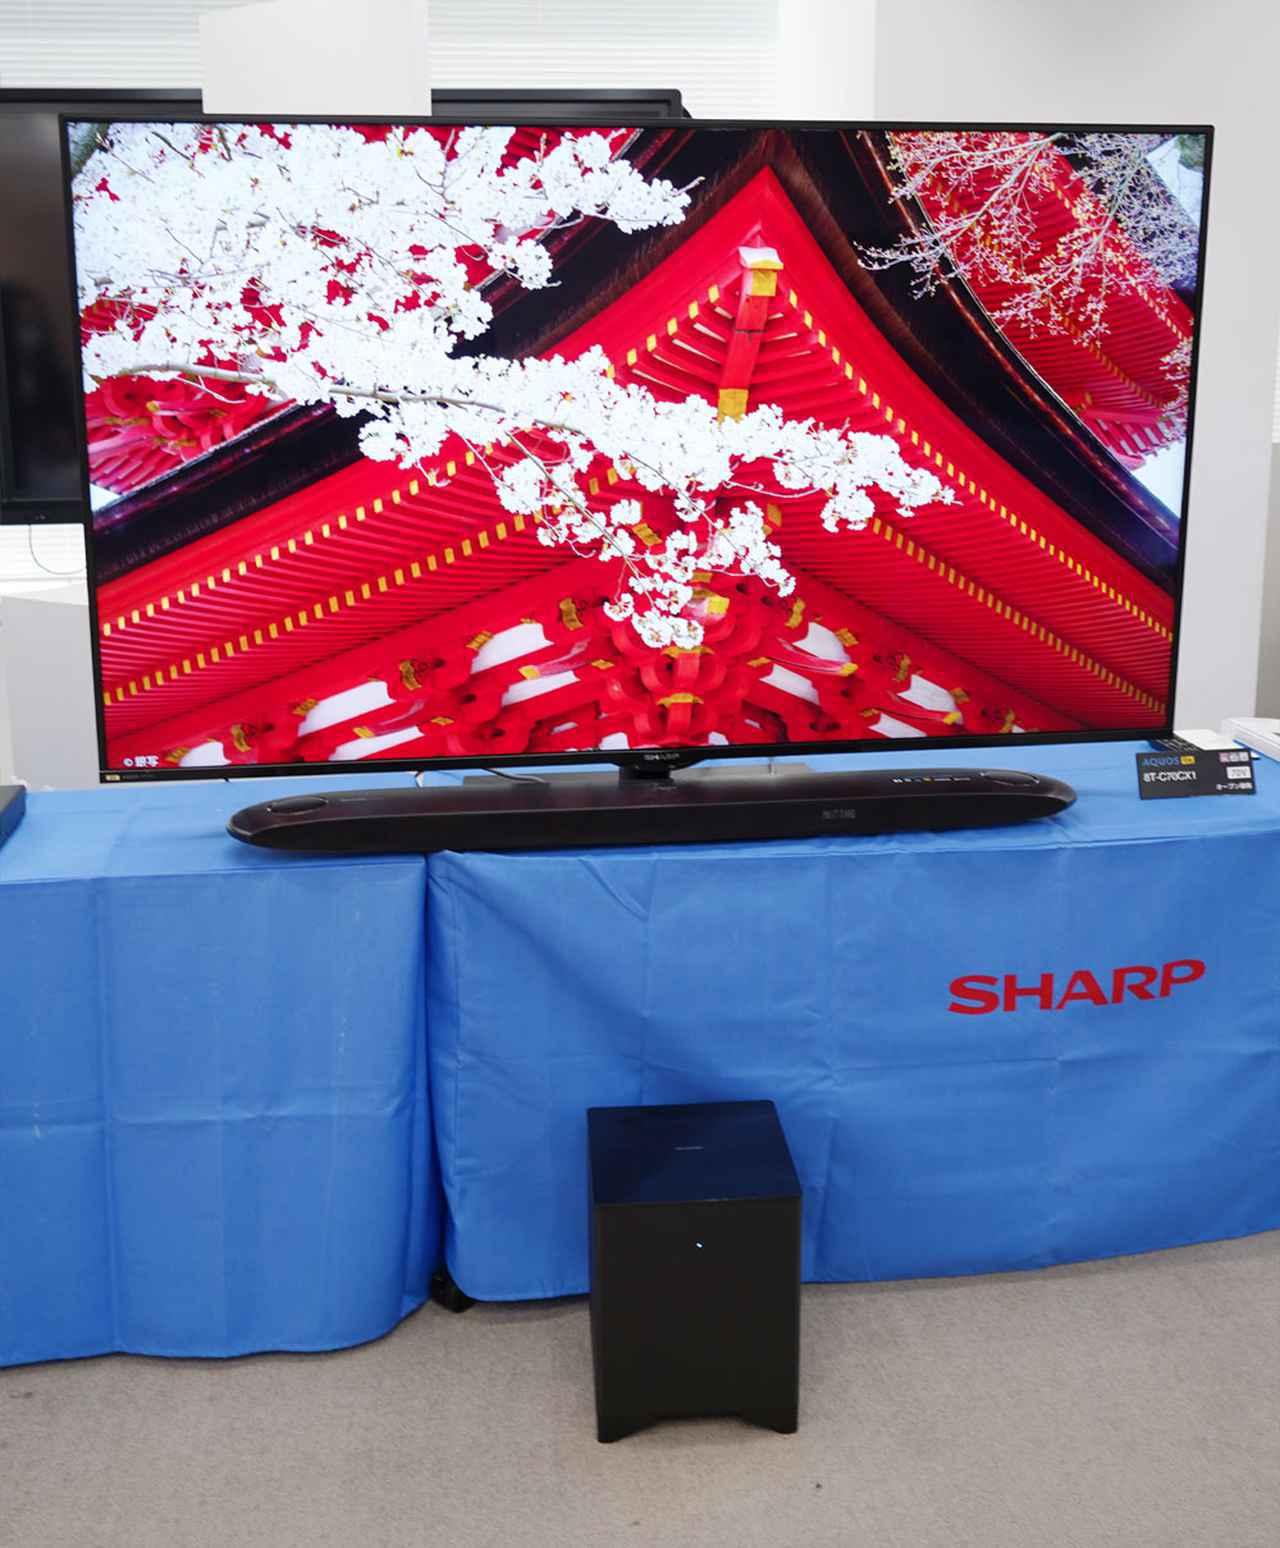 画像: ▲8Kテレビ「8T-C70CX1」とサウンドバー「8A-C22CX1」を組み合わせて実演